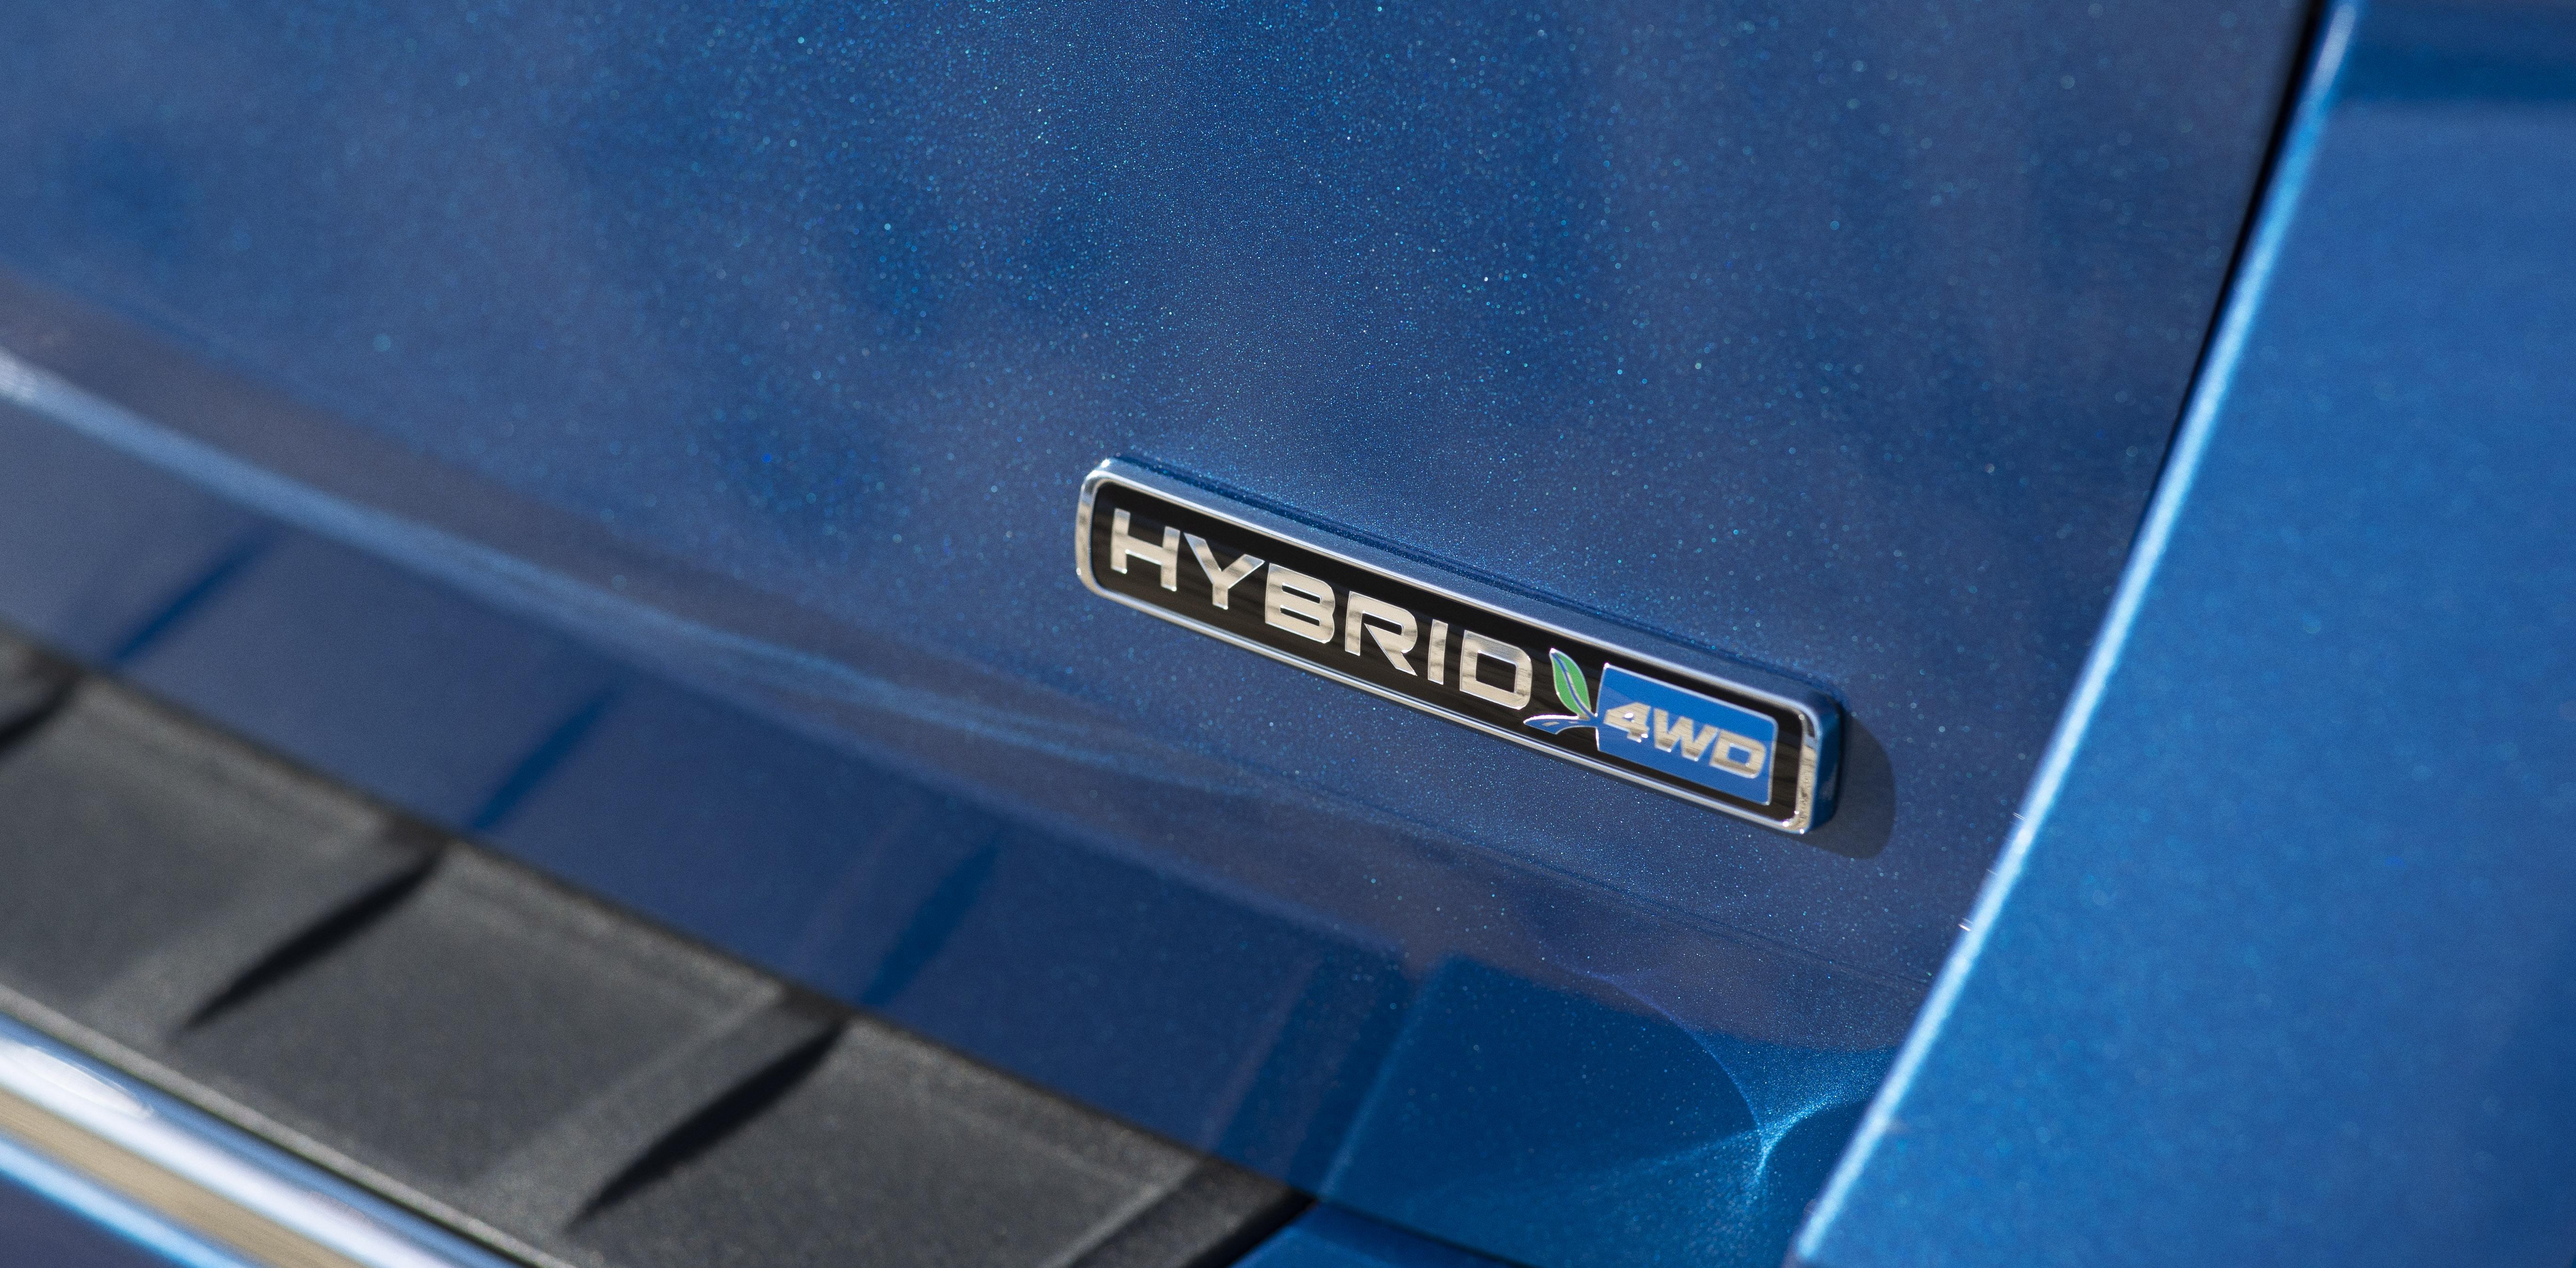 Ford Explorer Hybrid closeup